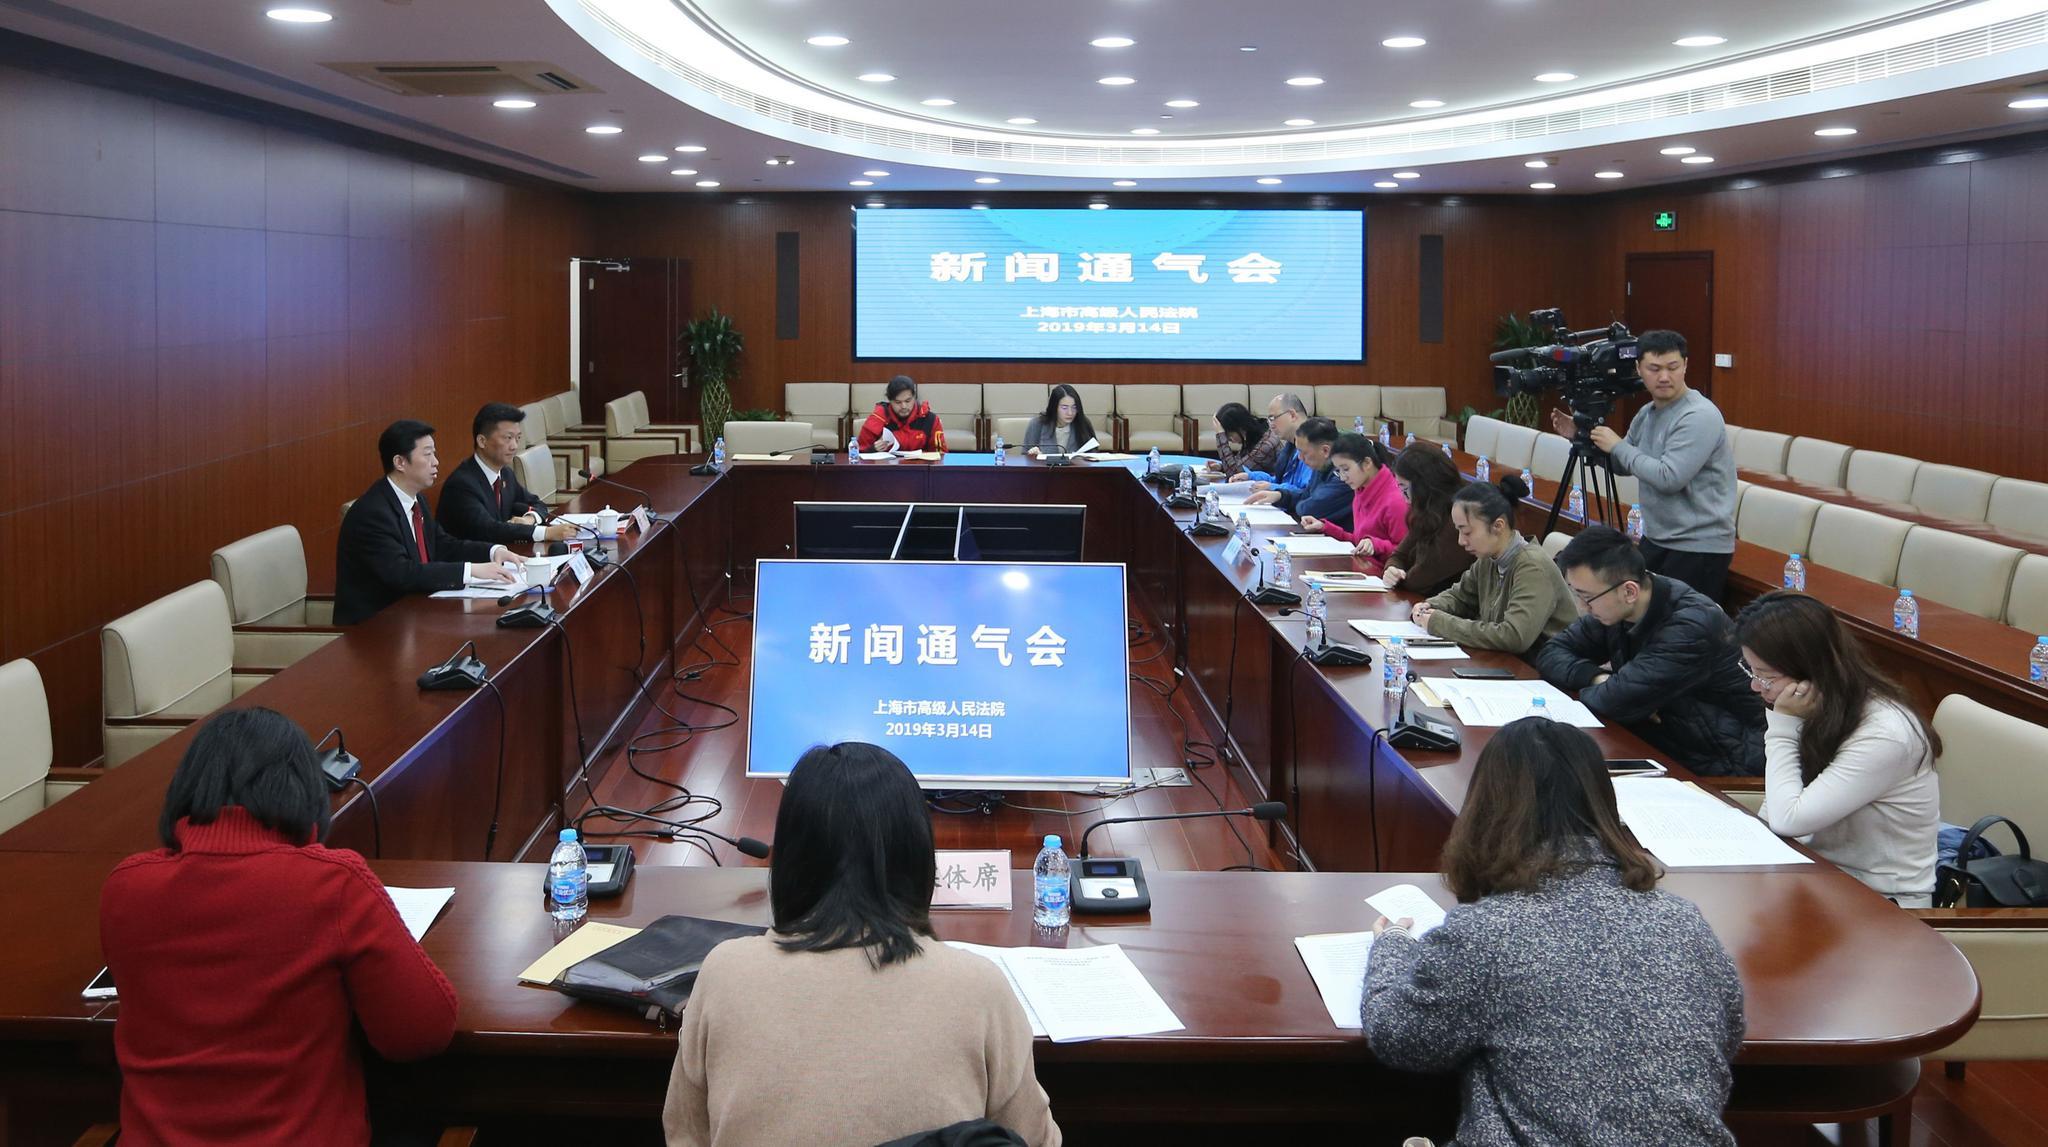 2018年上海法院审结消费纠纷案件近2万件,网购消费纠纷增长最快造梦西游3通风灵戒